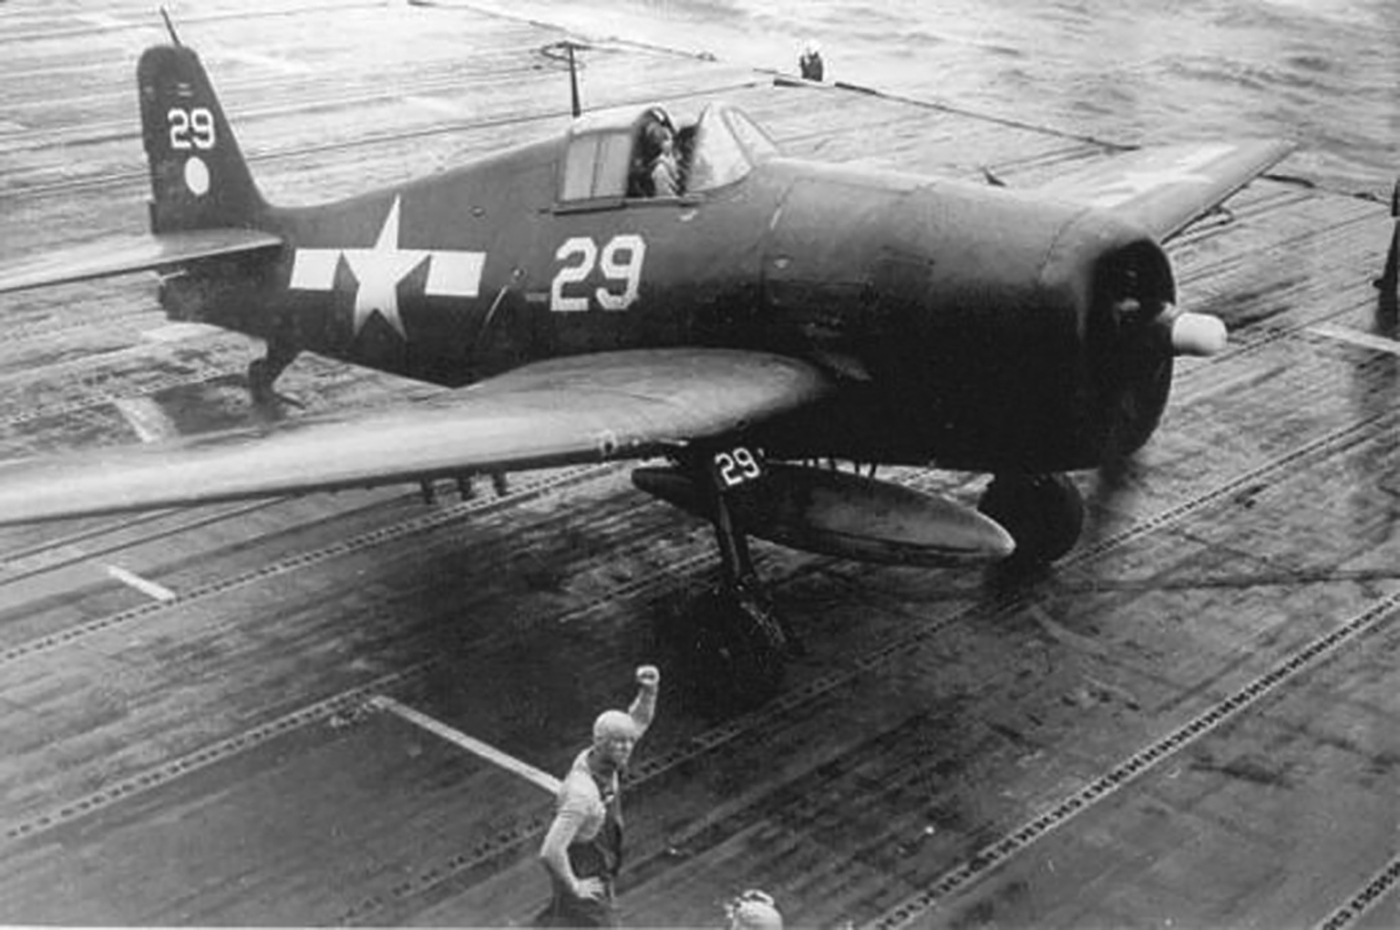 Grumman F6F 5 Hellcat VF 11 Sundowners Ginger White 29 CV 12 USS Hornet 1945 02